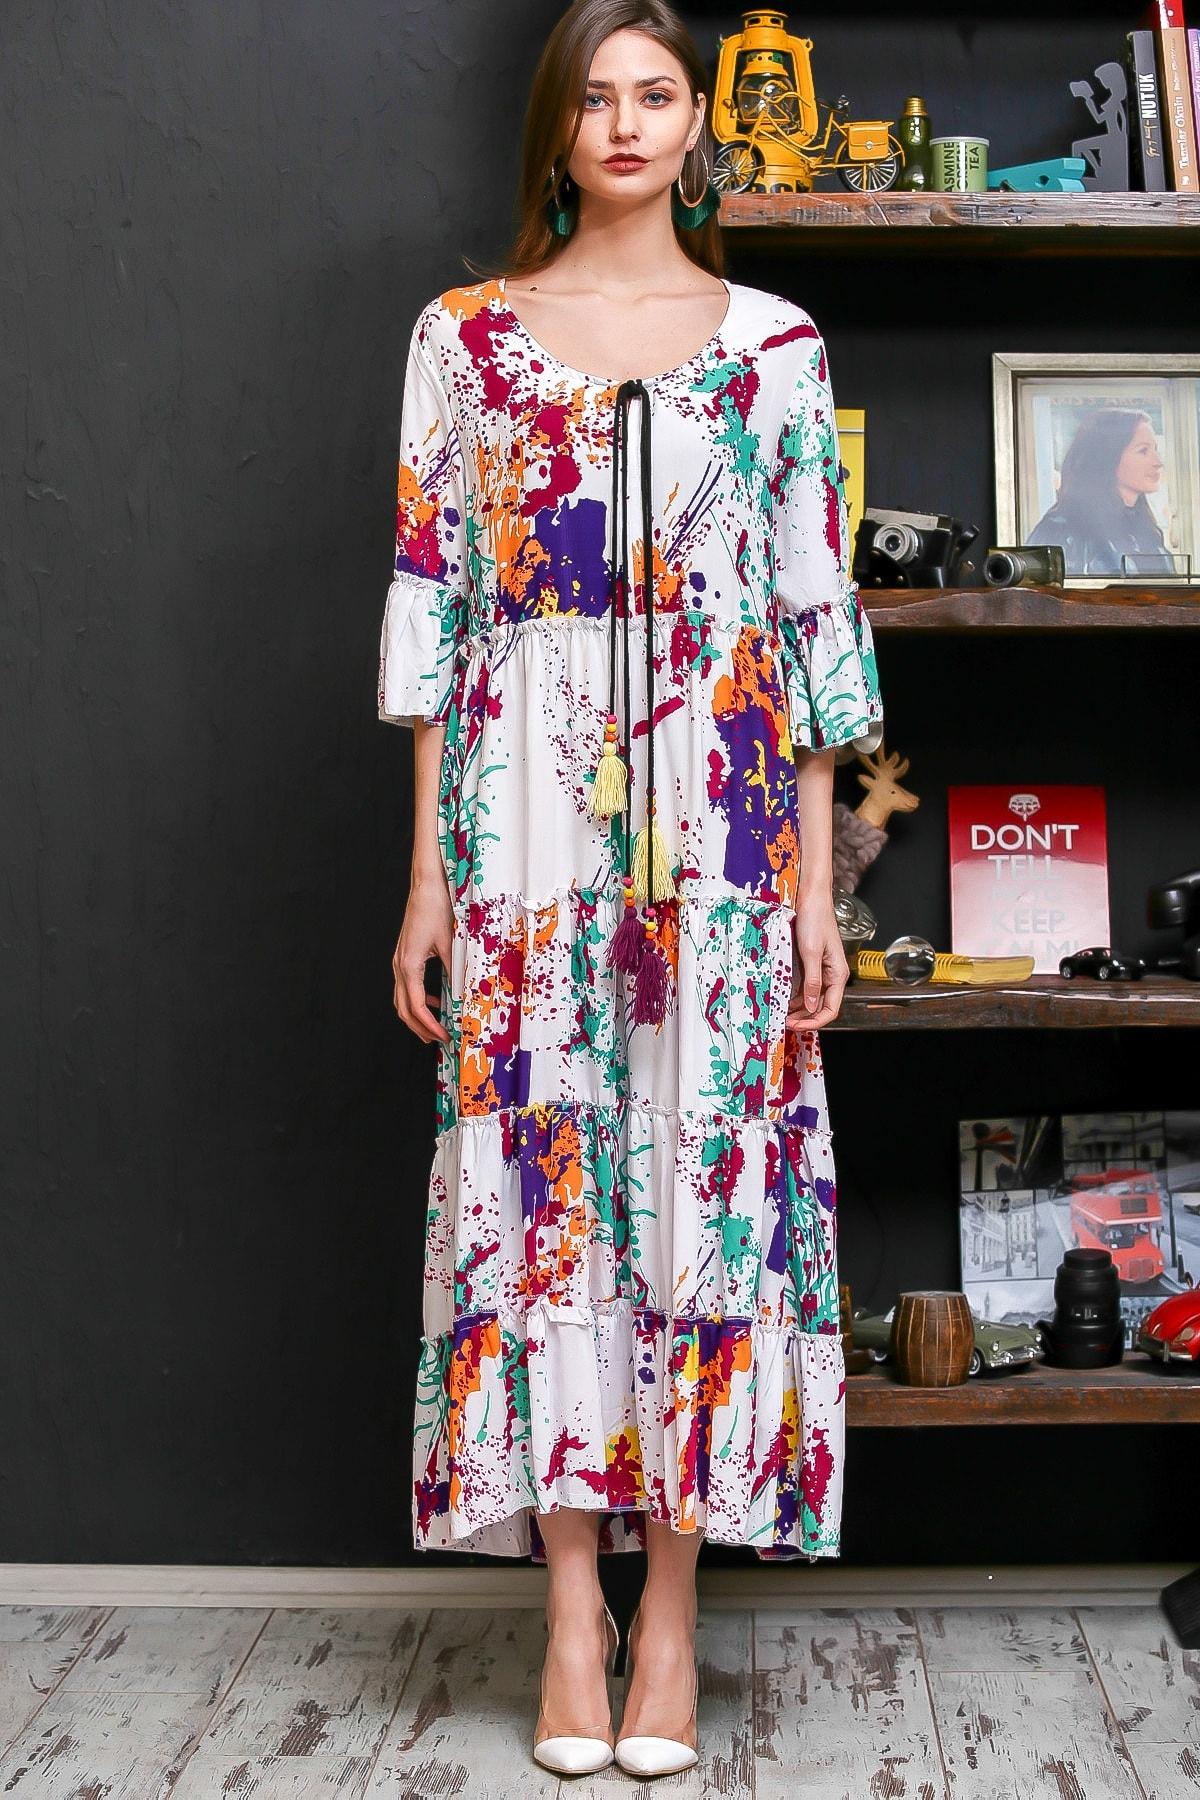 Chiccy Kadın Beyaz Fırça Desen Püsküllü Bağcıklı Salaş Dokuma Elbise M10160000EL95926 3